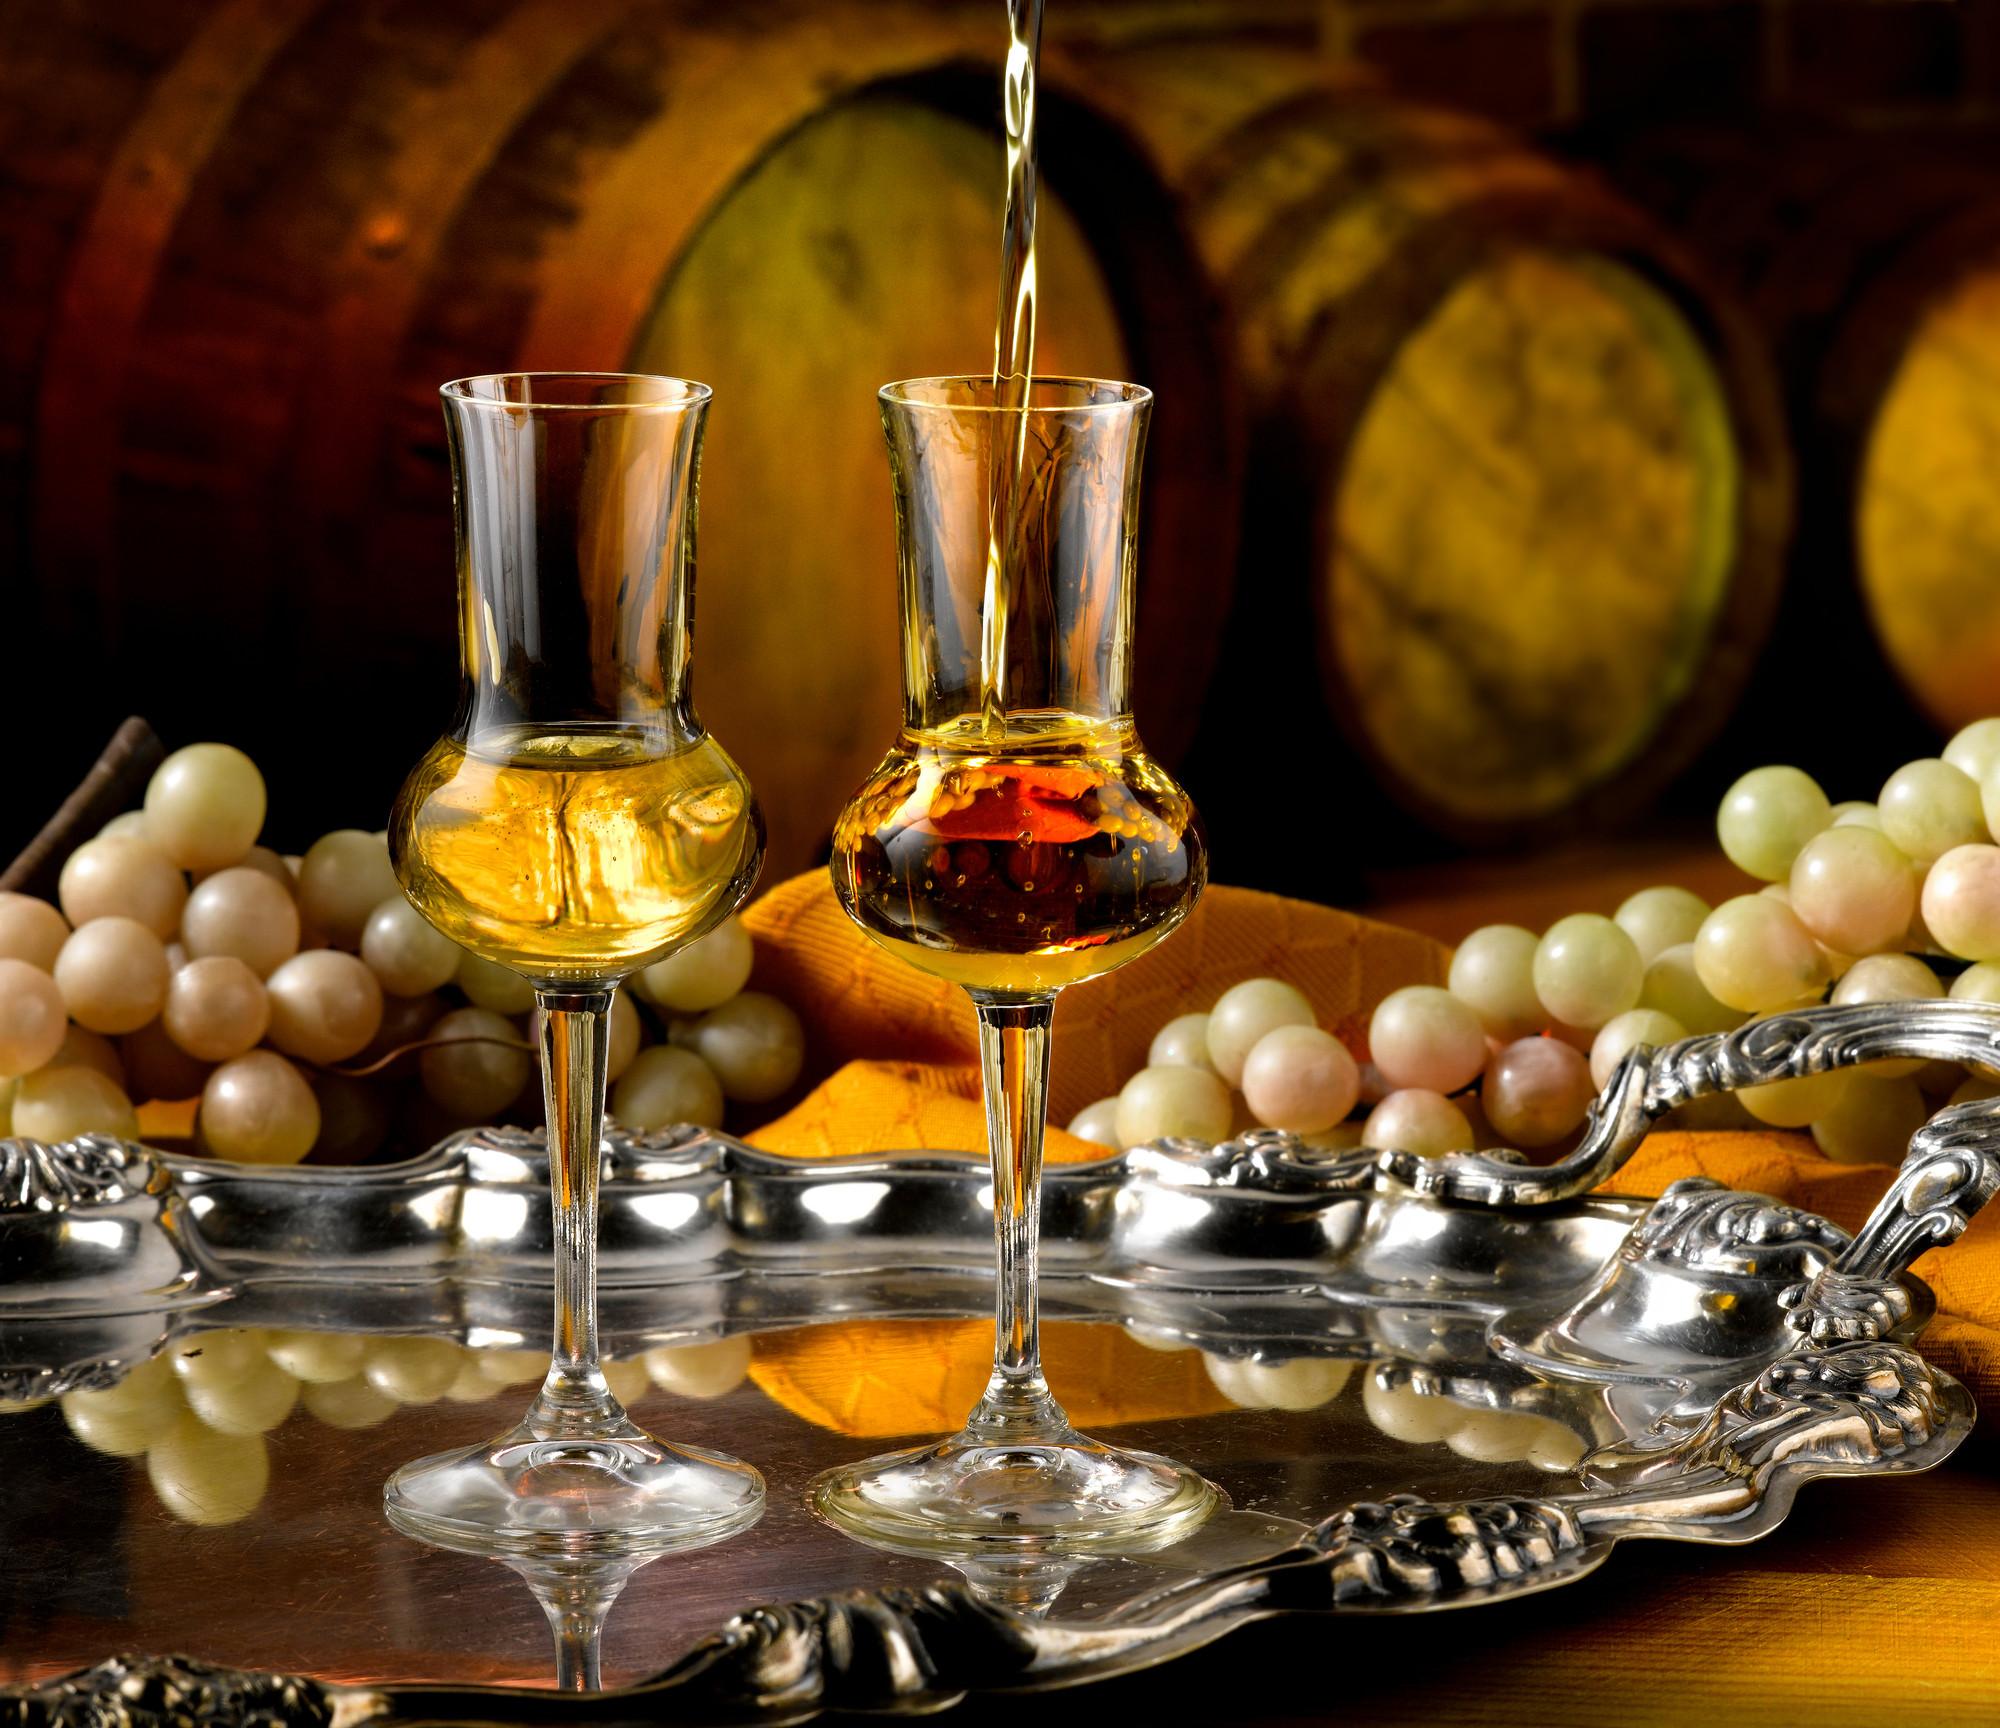 Граппа: все, что нужно знать о благородном напитке